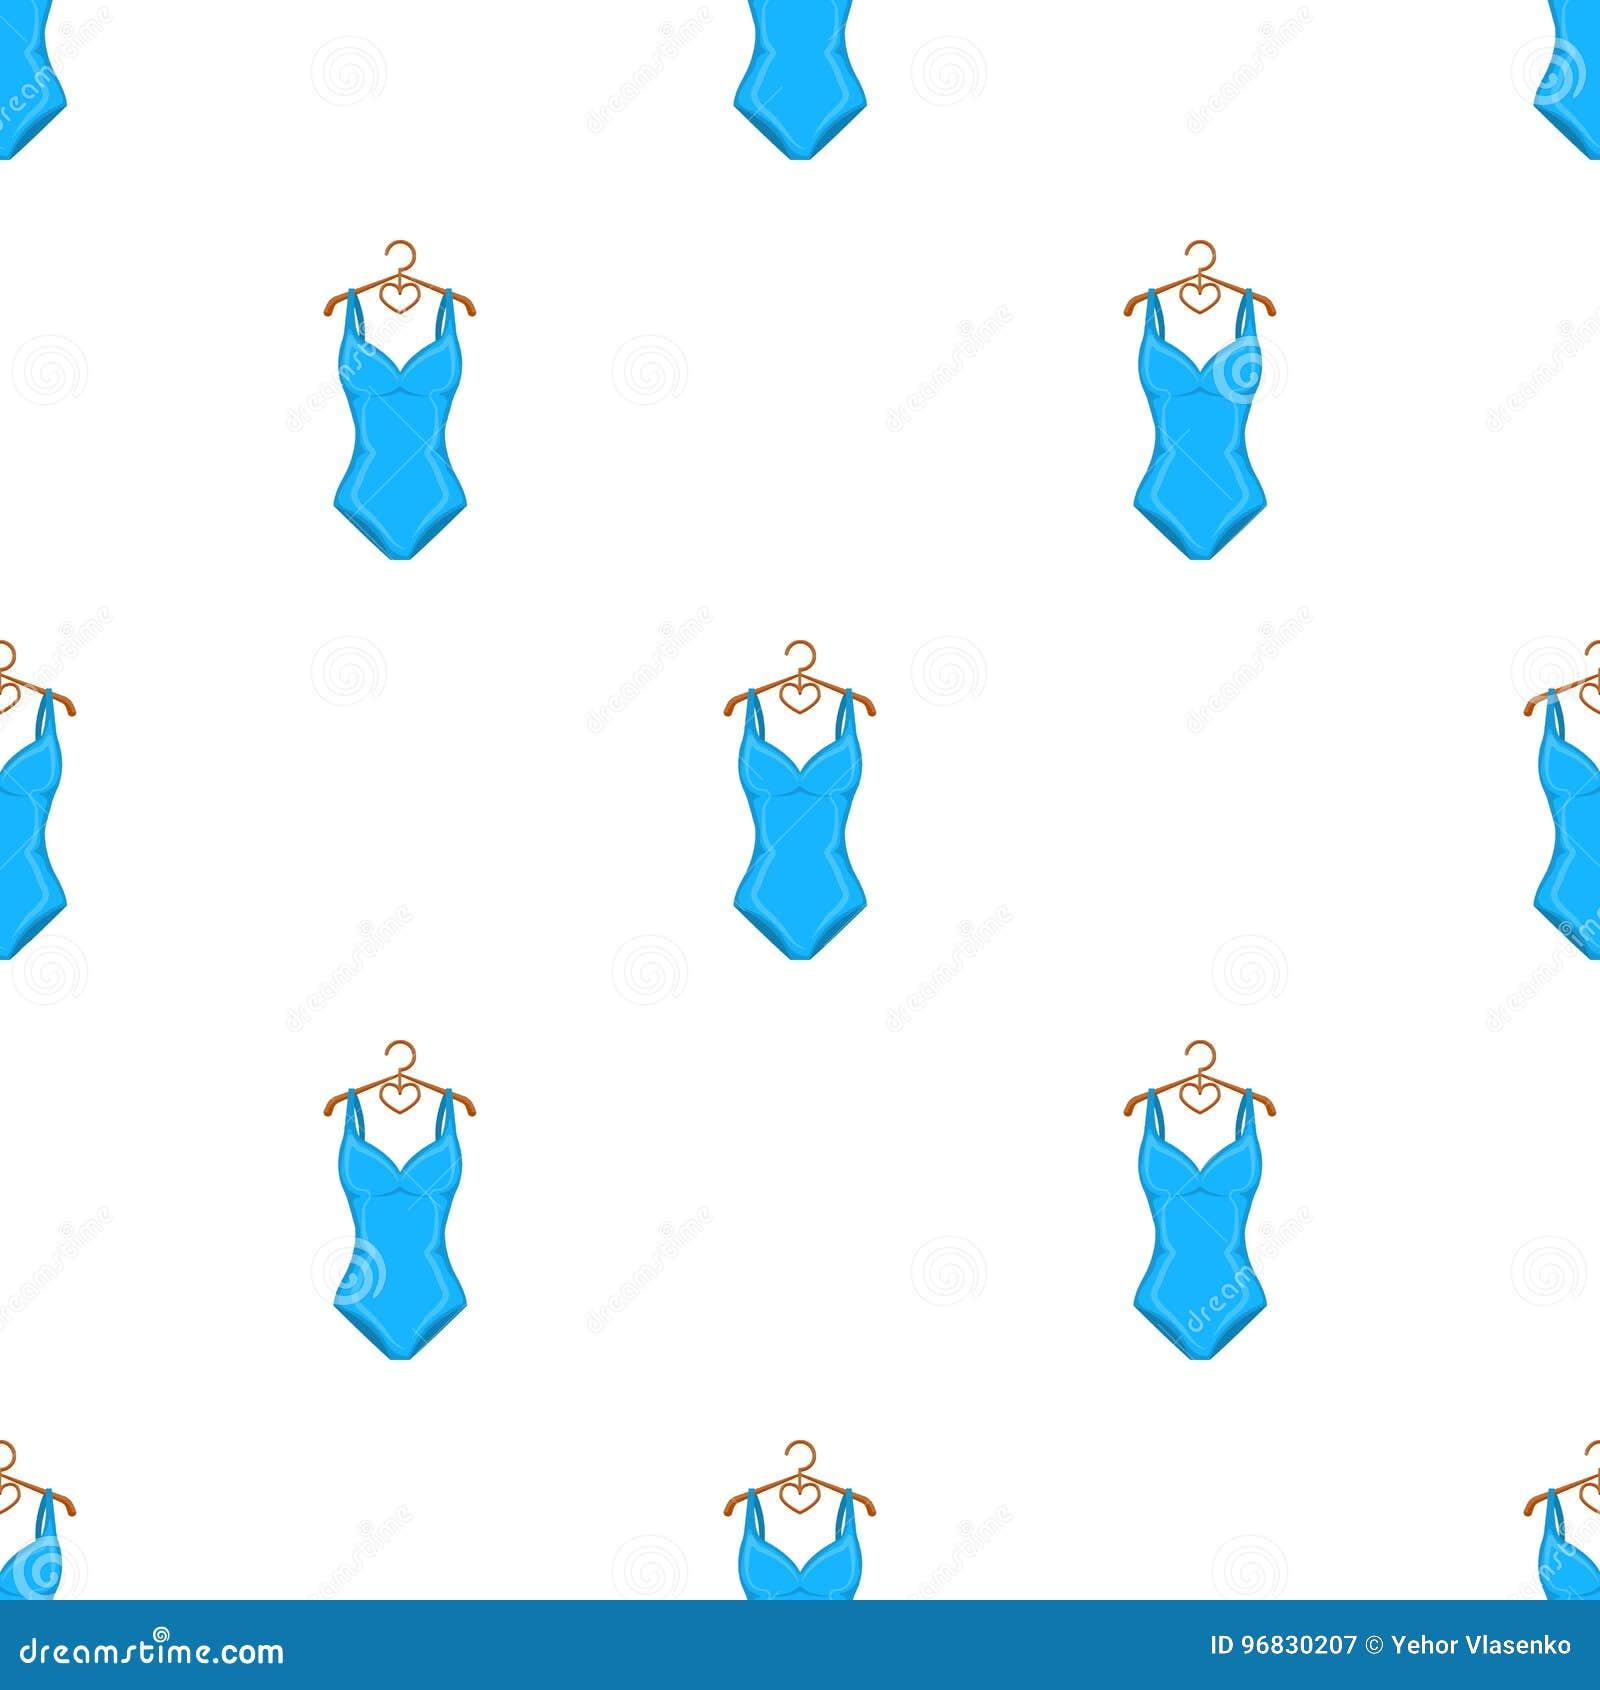 Киски в одежде в бассейне купается девушка стоны девушки